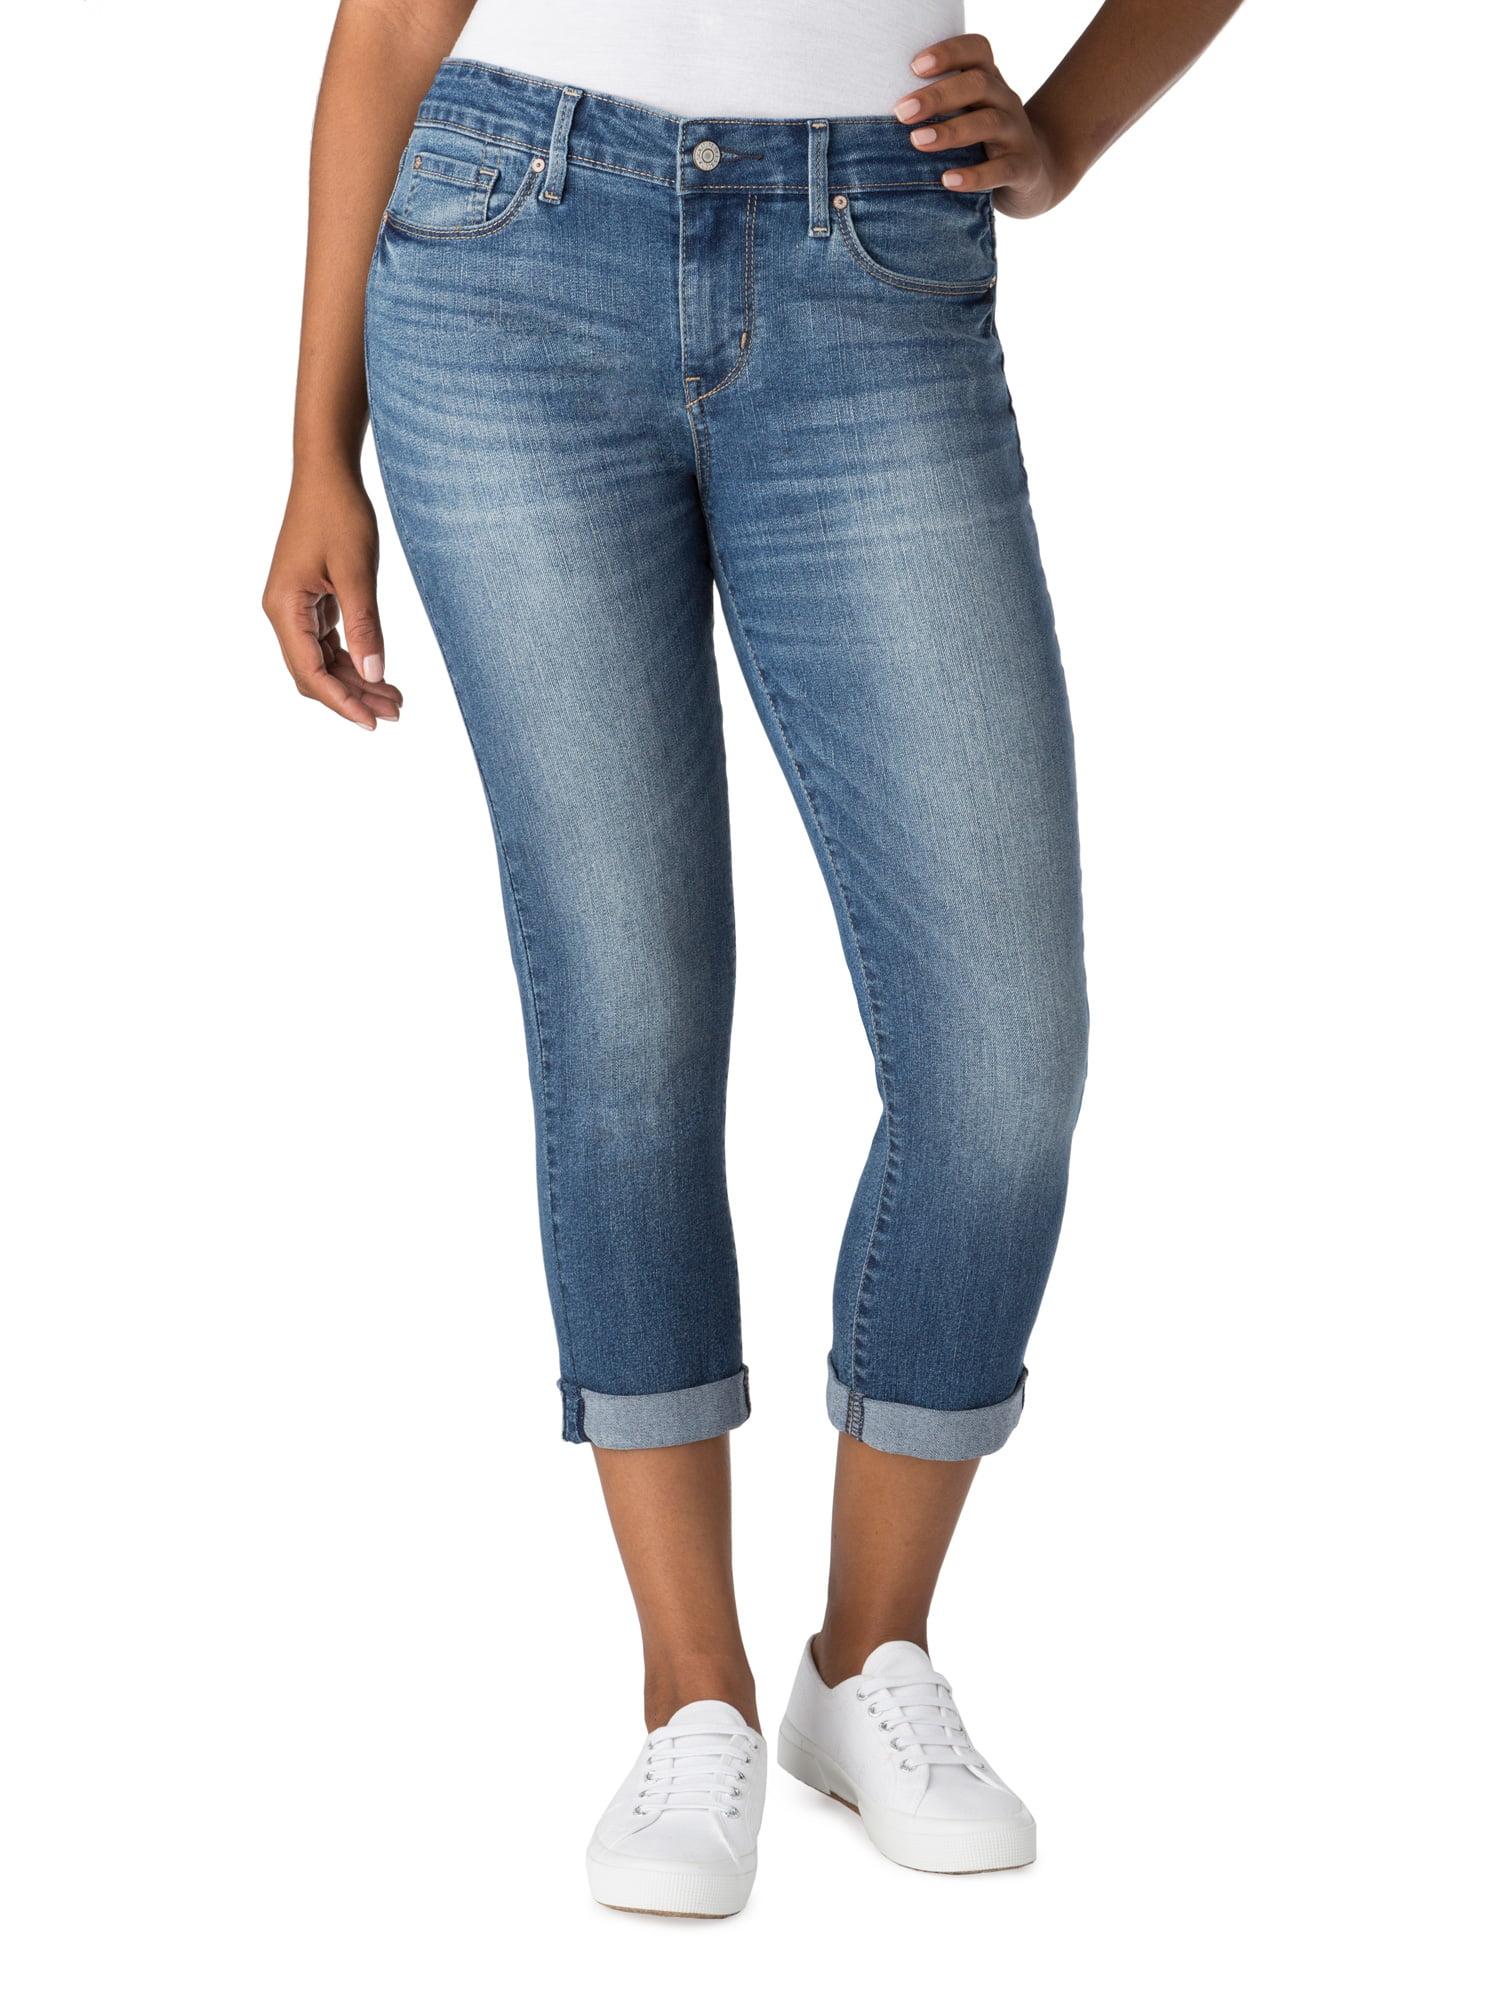 Women's Simply Stretch Modern Slim Cuffed Capri Jeans